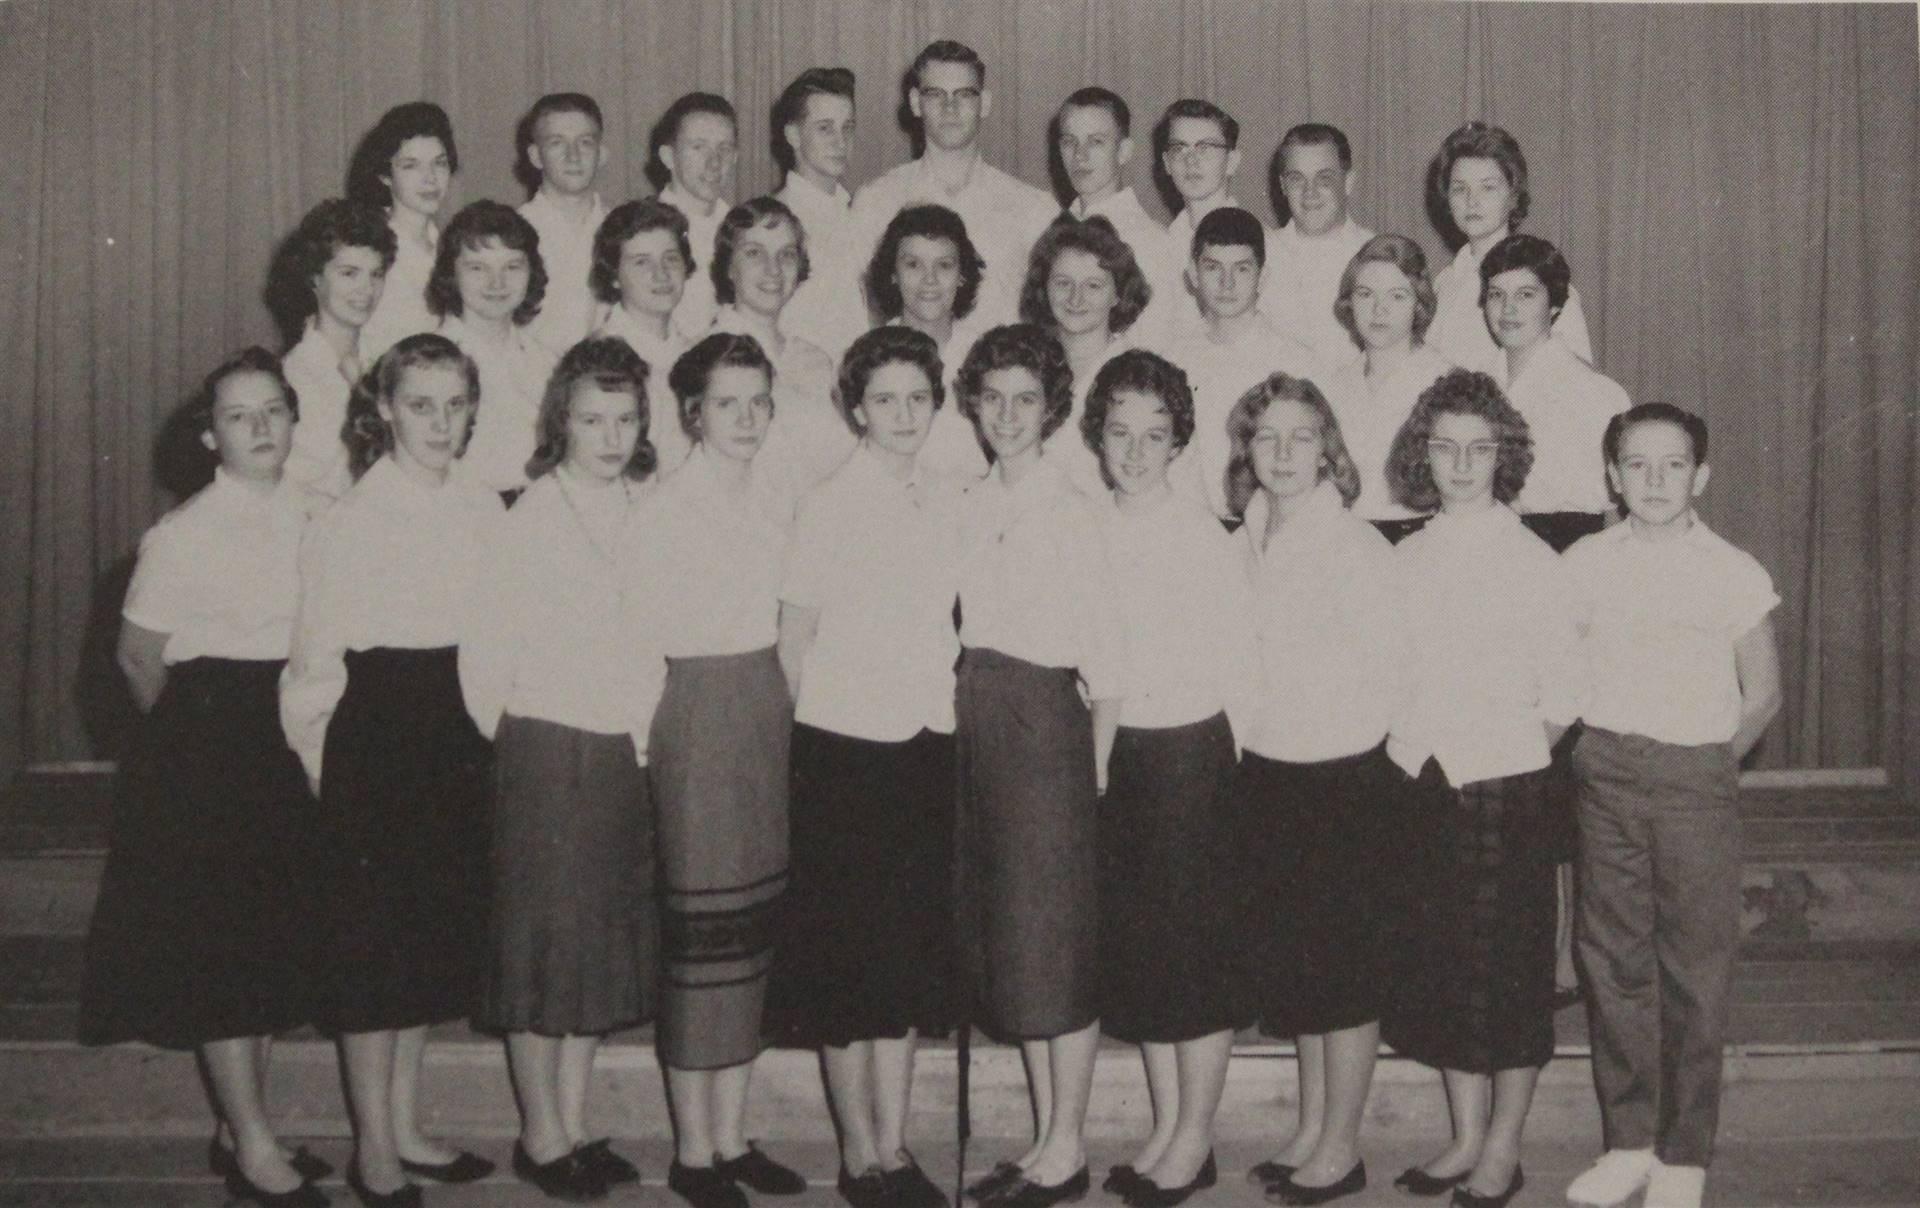 1960 Mixed Chorus